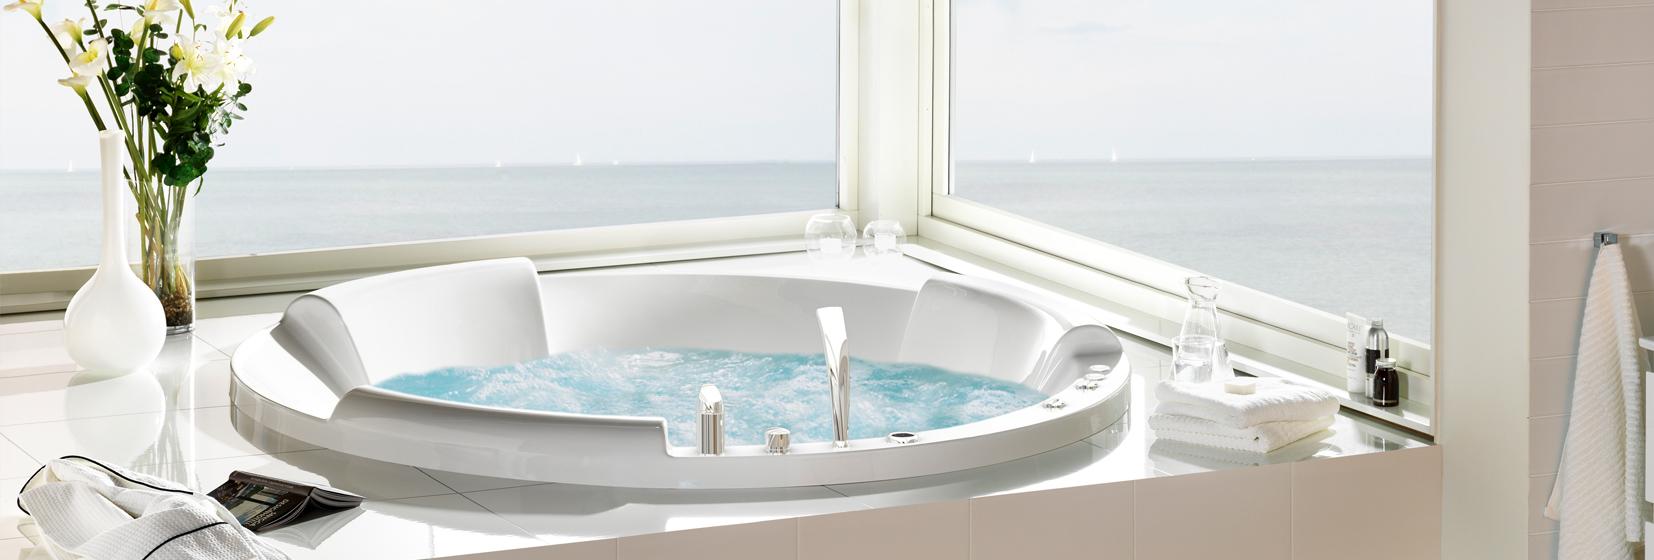 bubbelbadkar, badkar, massagebadkar och spabad från westerbergs ...